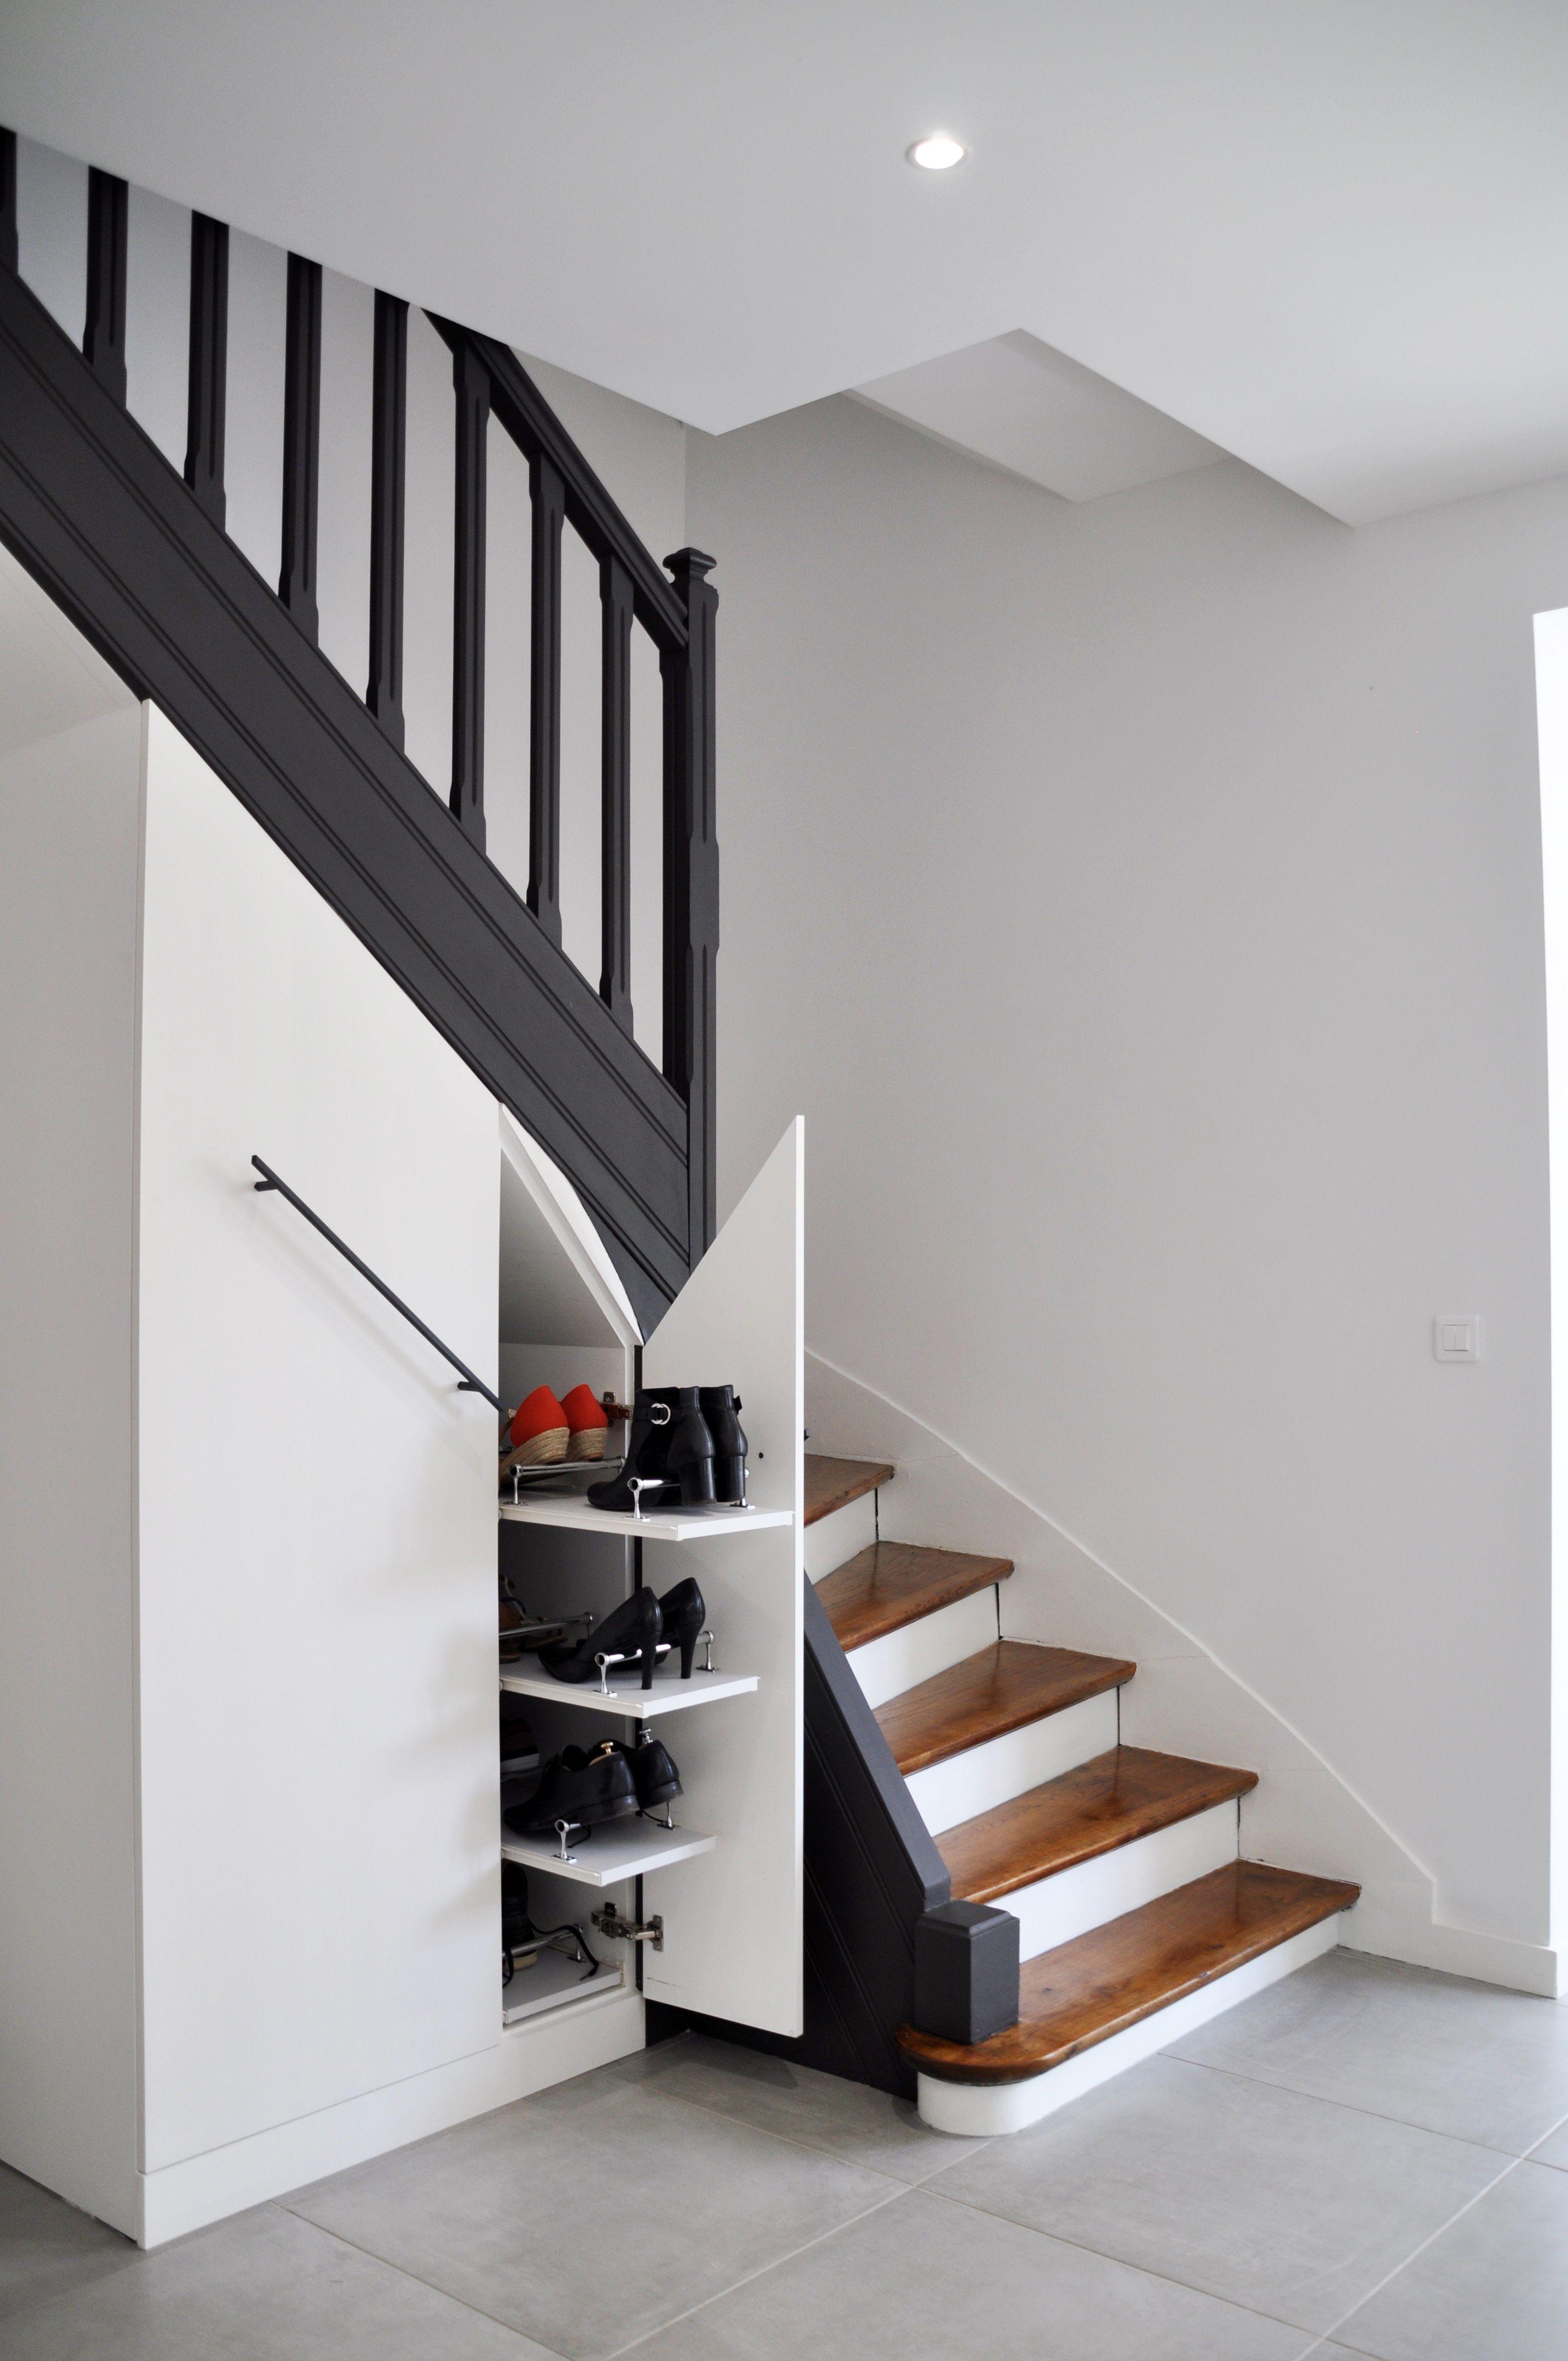 Rangements Sous Escalier Sur Mesure Creation D Un Rangement Penderie Chaussures Le Tout Coulissant Rangement Sous Escalier Meuble Sous Escalier Sous Escalier